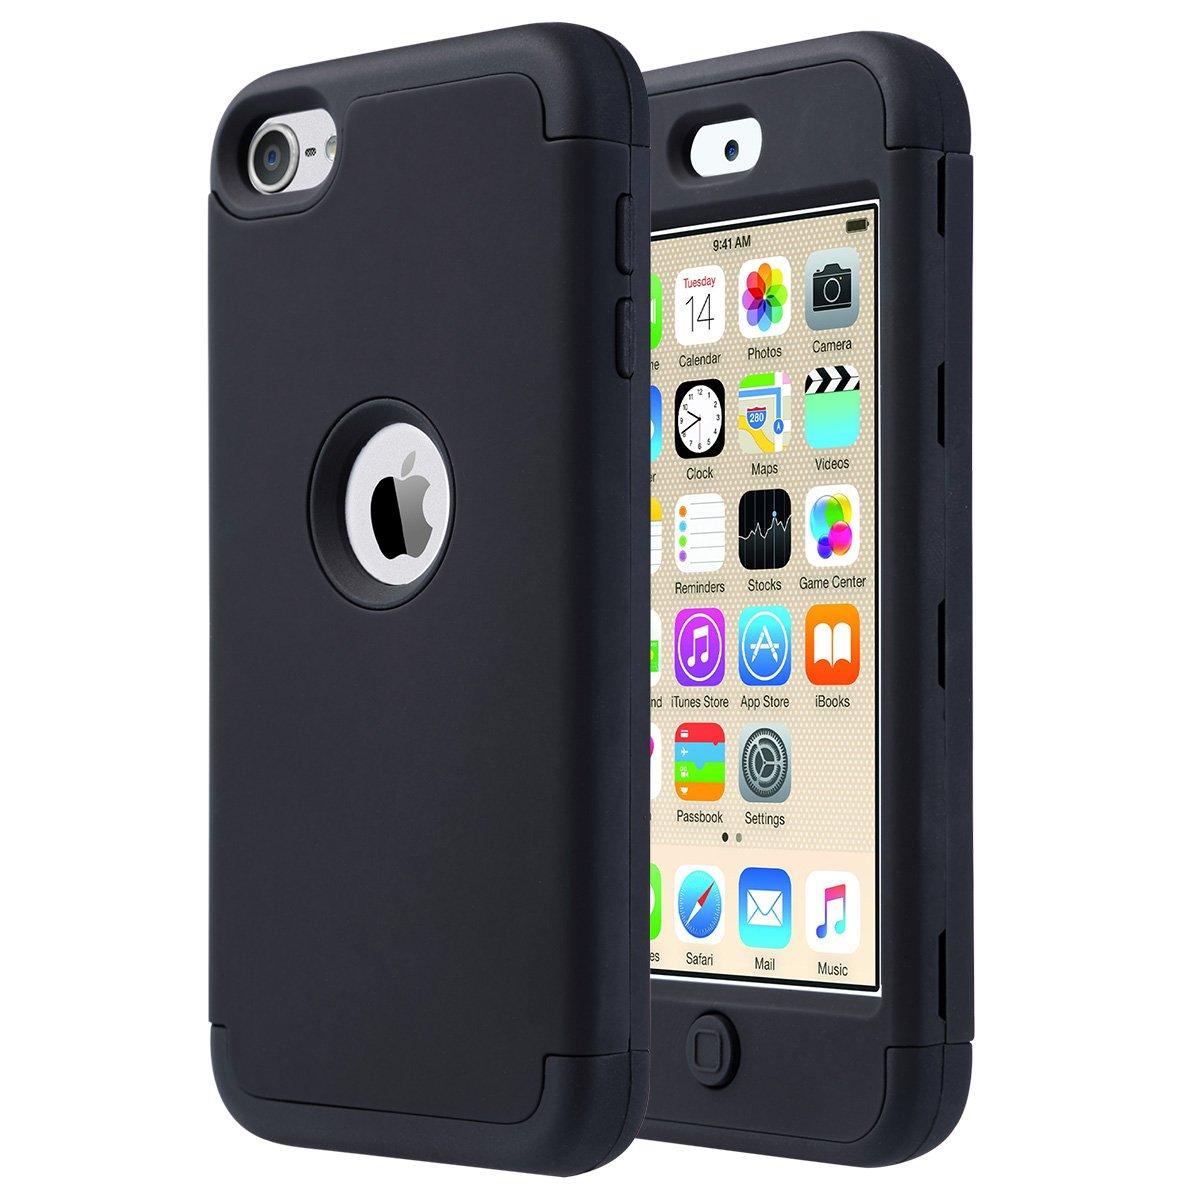 Funda Para iPod Touch 5, 6 Y 7 Generacion (negra)